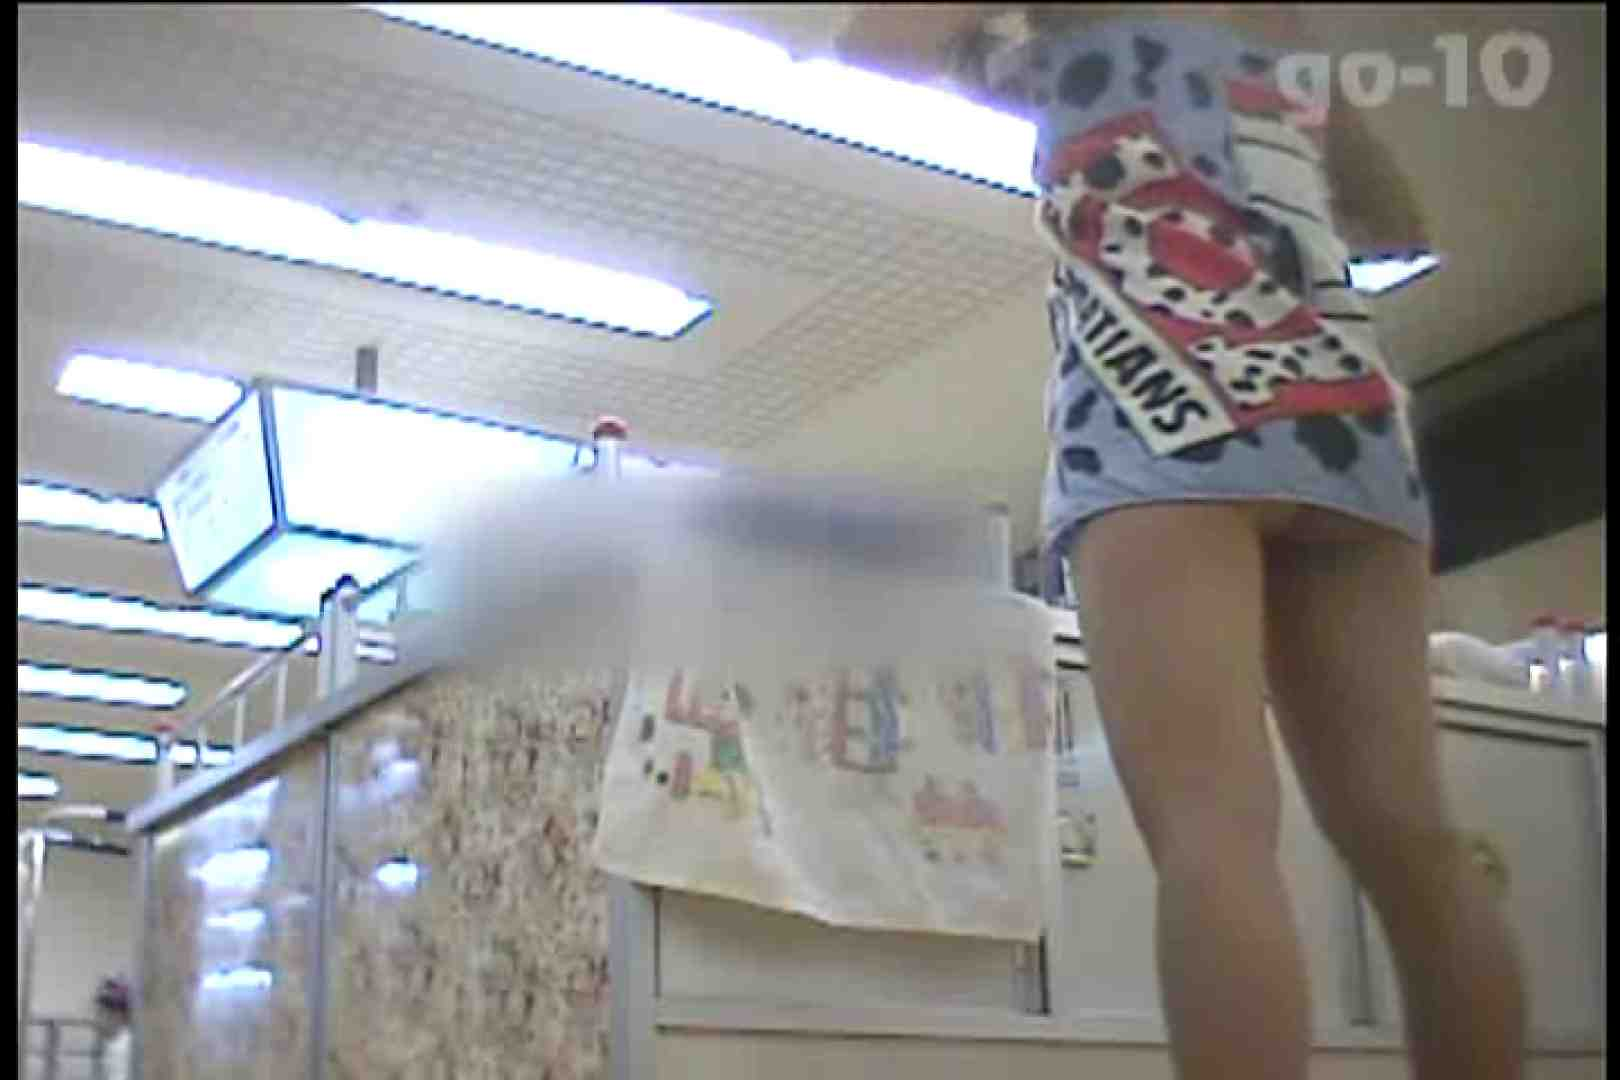 電波カメラ設置浴場からの防HAN映像 Vol.10 ギャル  65PIX 19